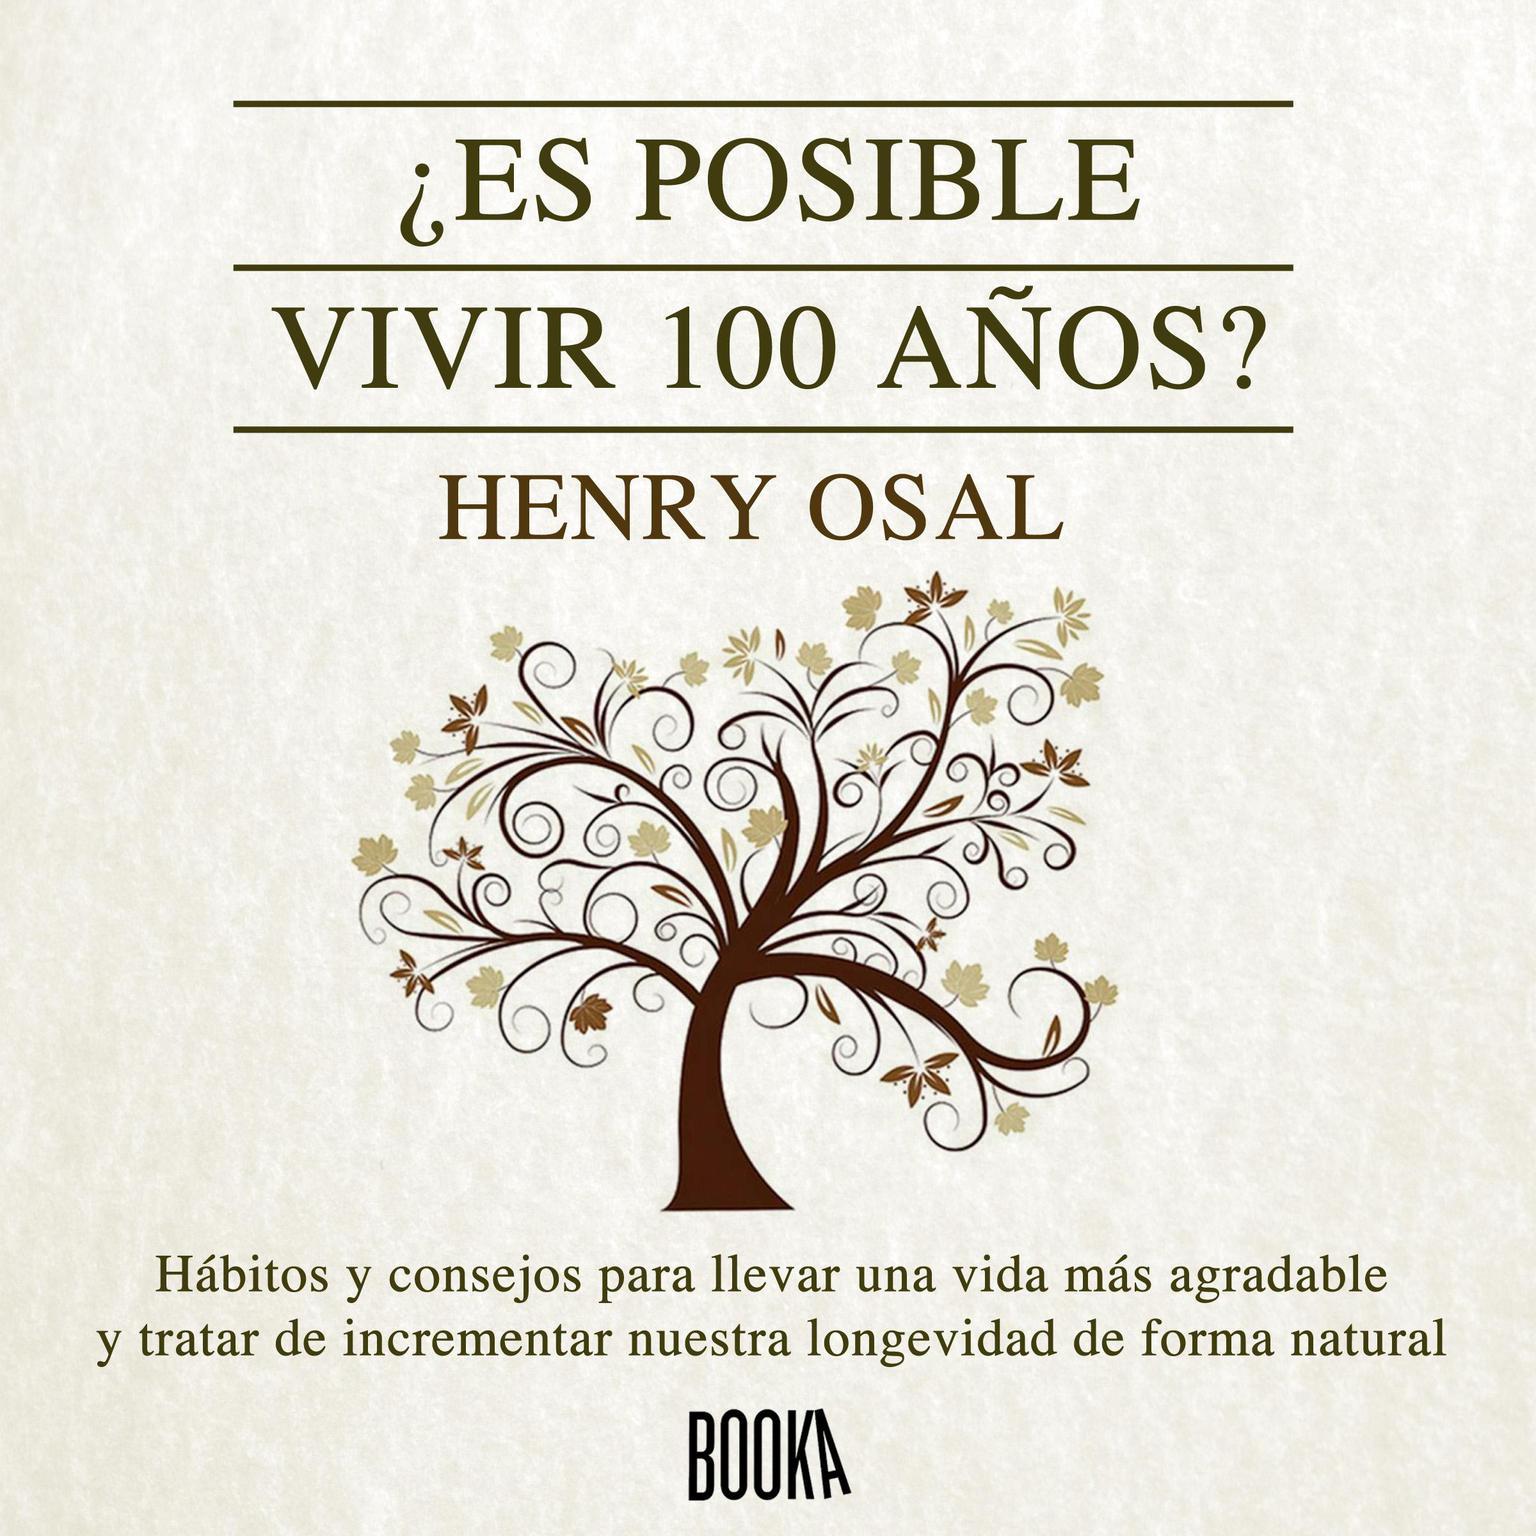 ¿Es posible vivir 100 años? Audiobook, by Henry Osal